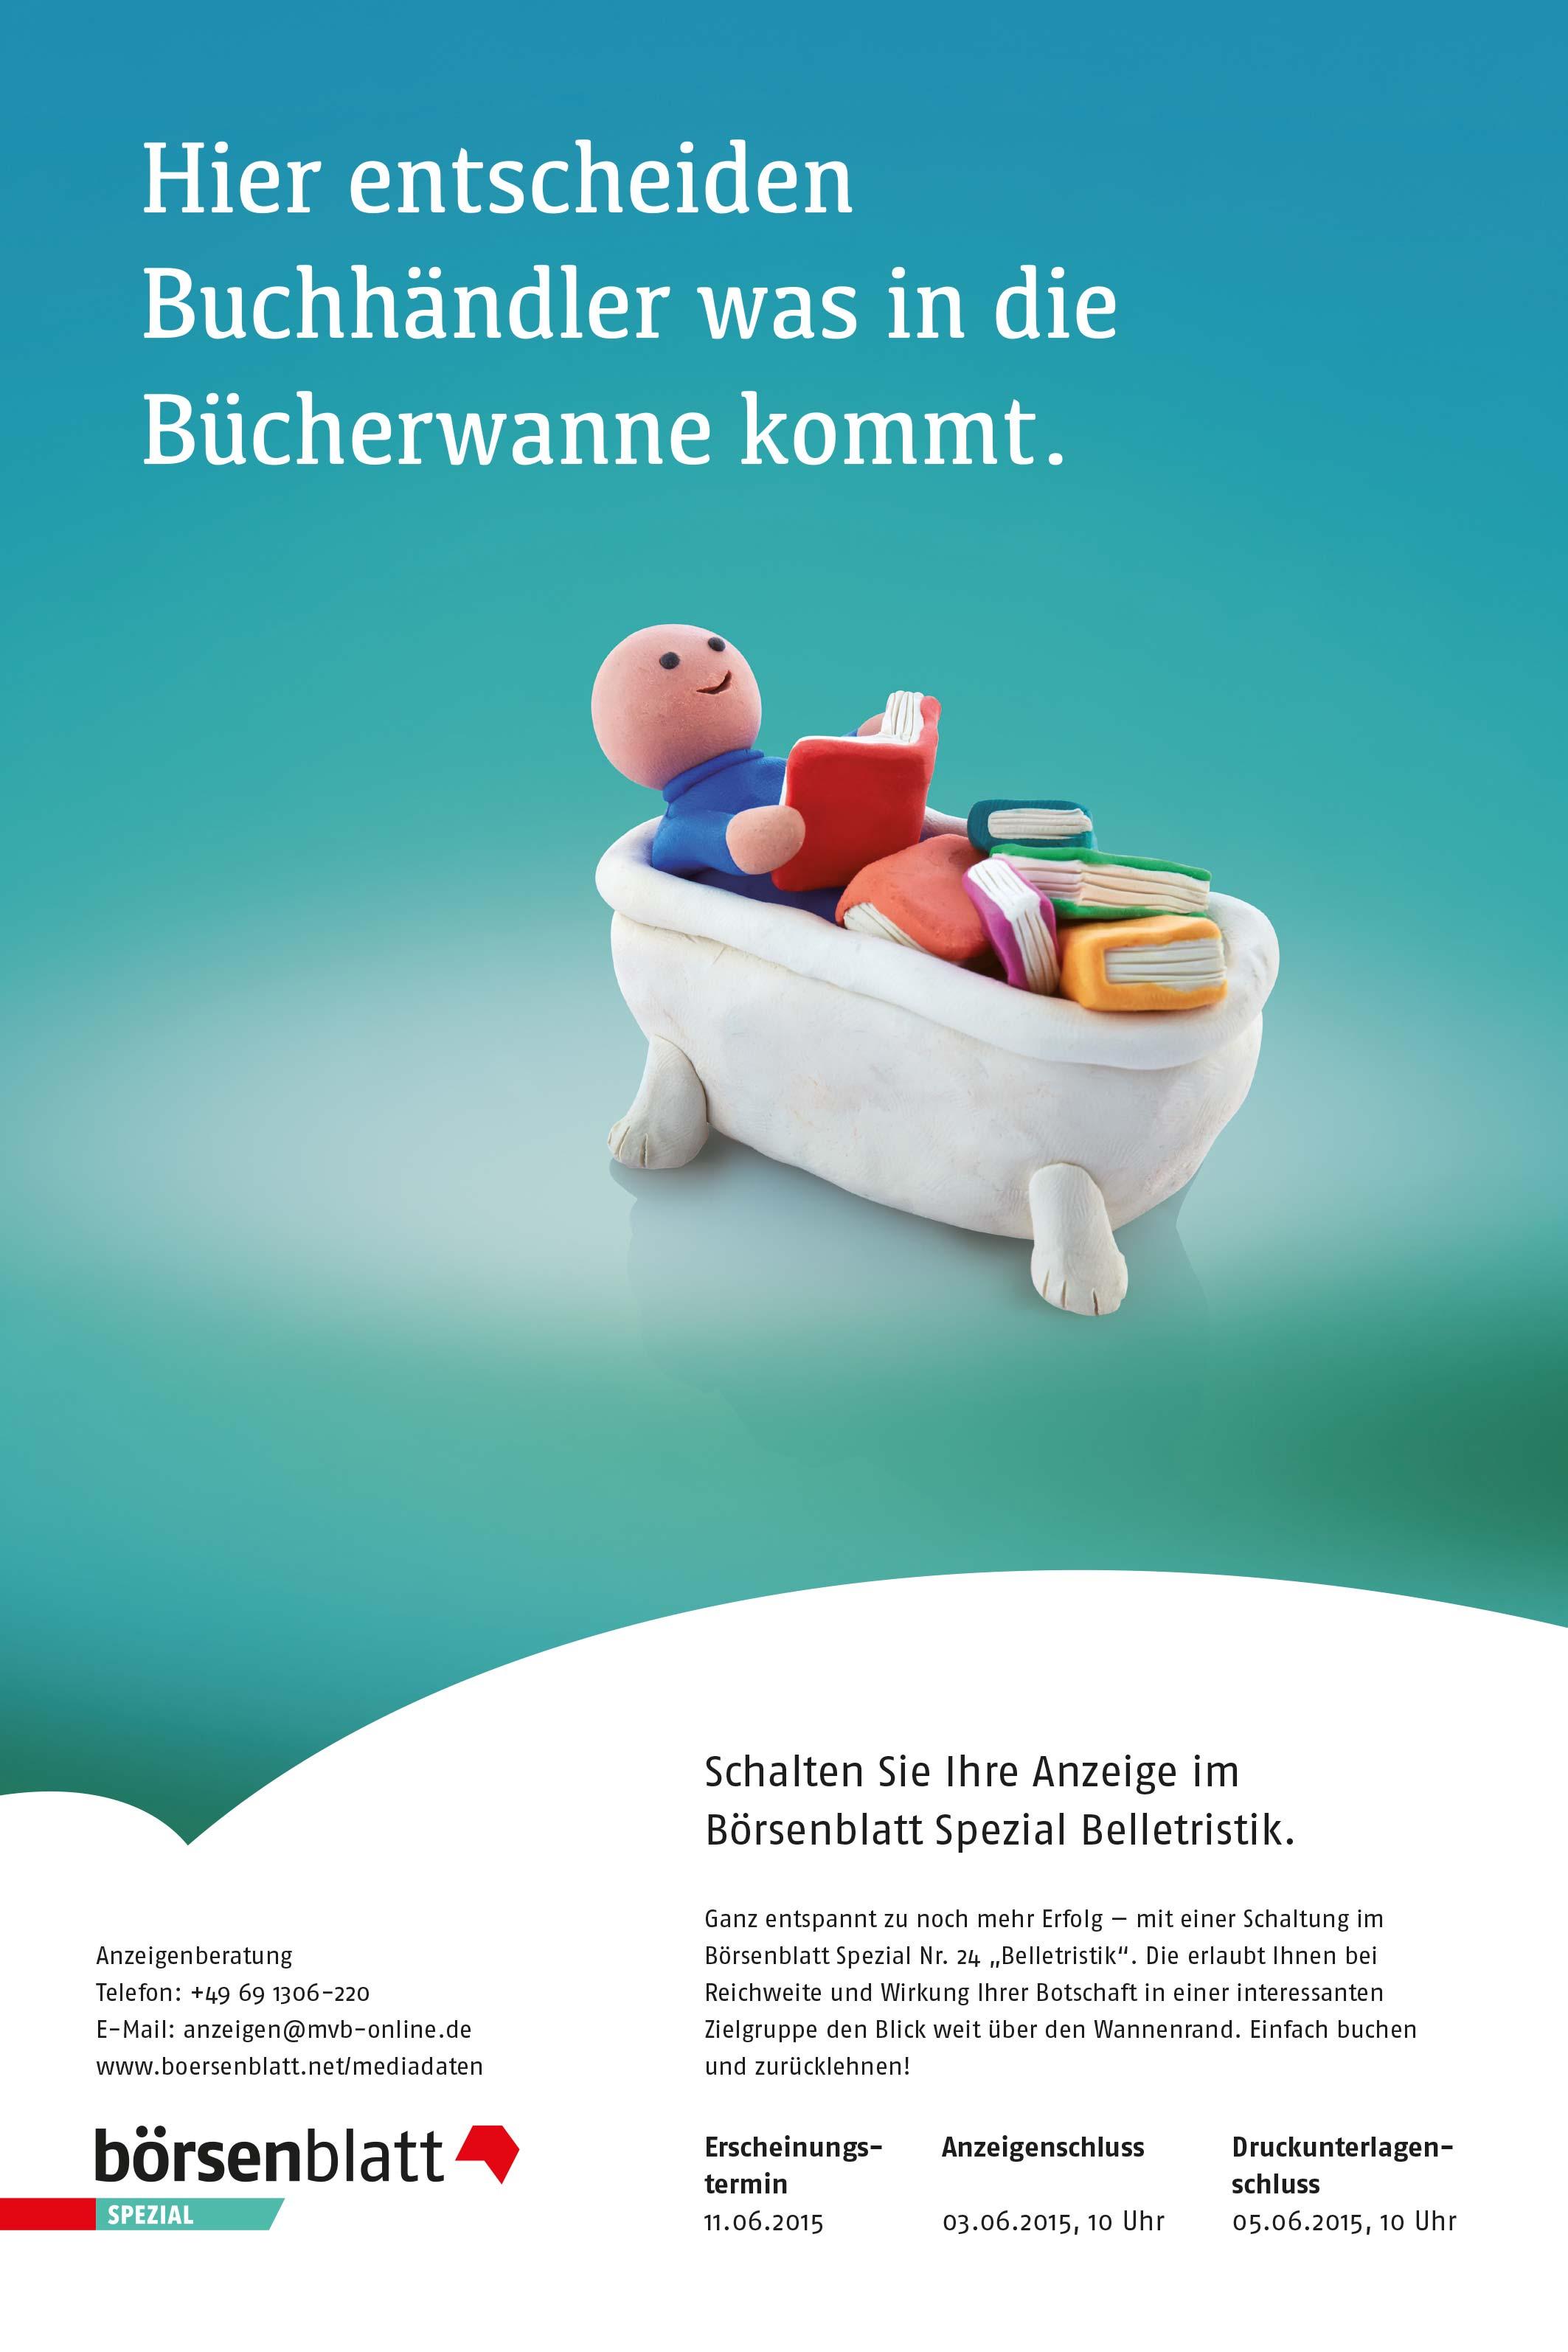 Anzeigenserie_Knetfiguren_Börsenblatt_Spezial_Sachbuch_Belletristik